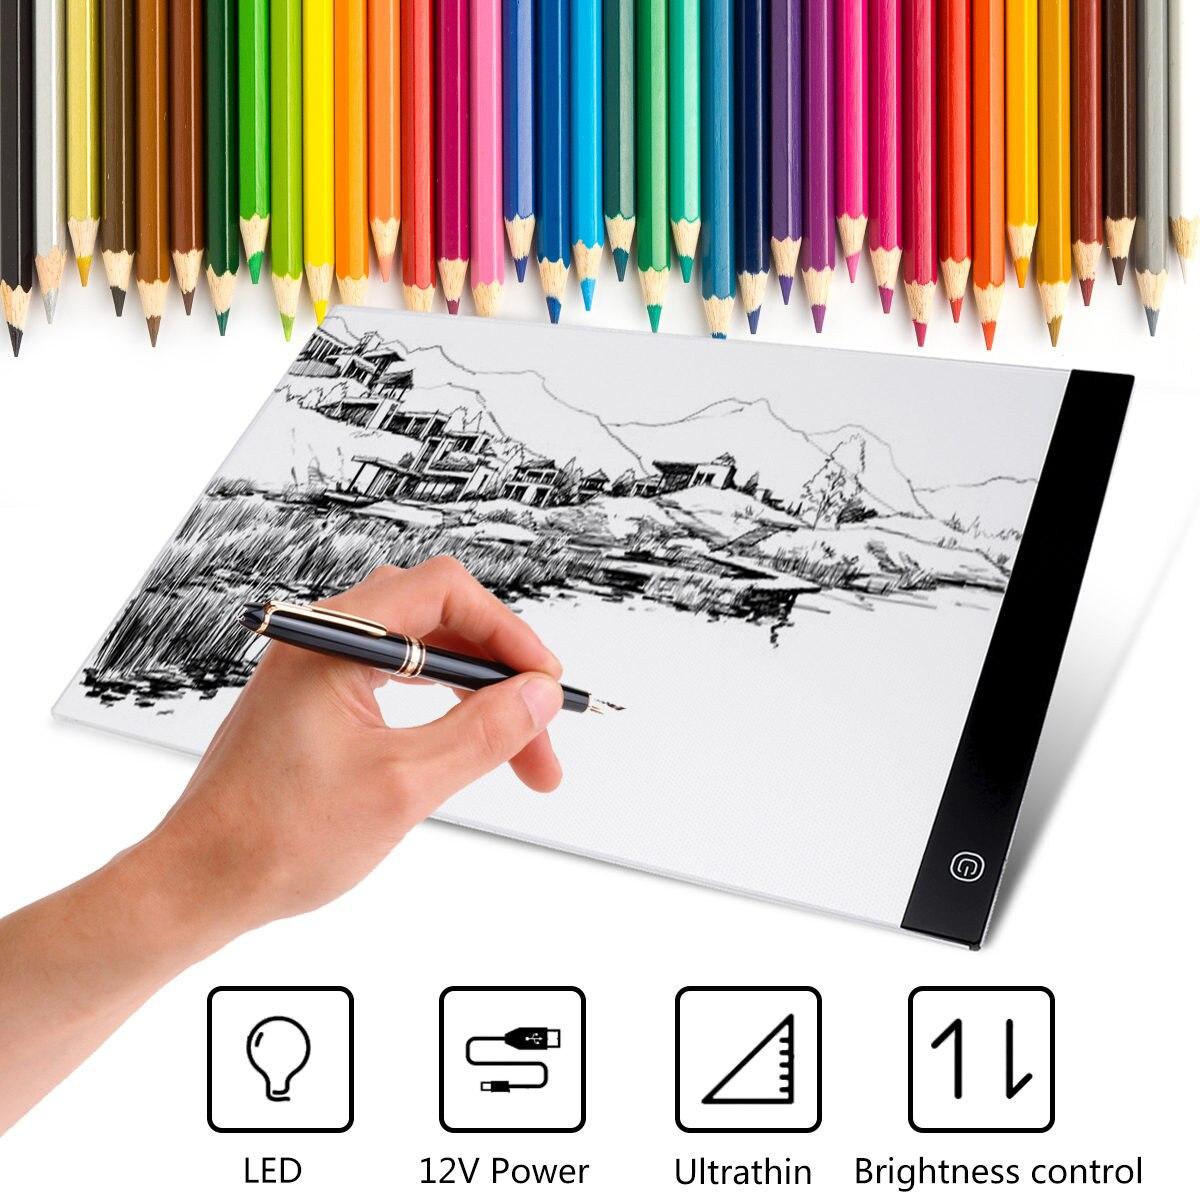 A3 LED planche à dessin LED tablette graphique ecriture peinture boite à lumière planche de traçage numérique dessin tablette copie Table panneau LED Pad